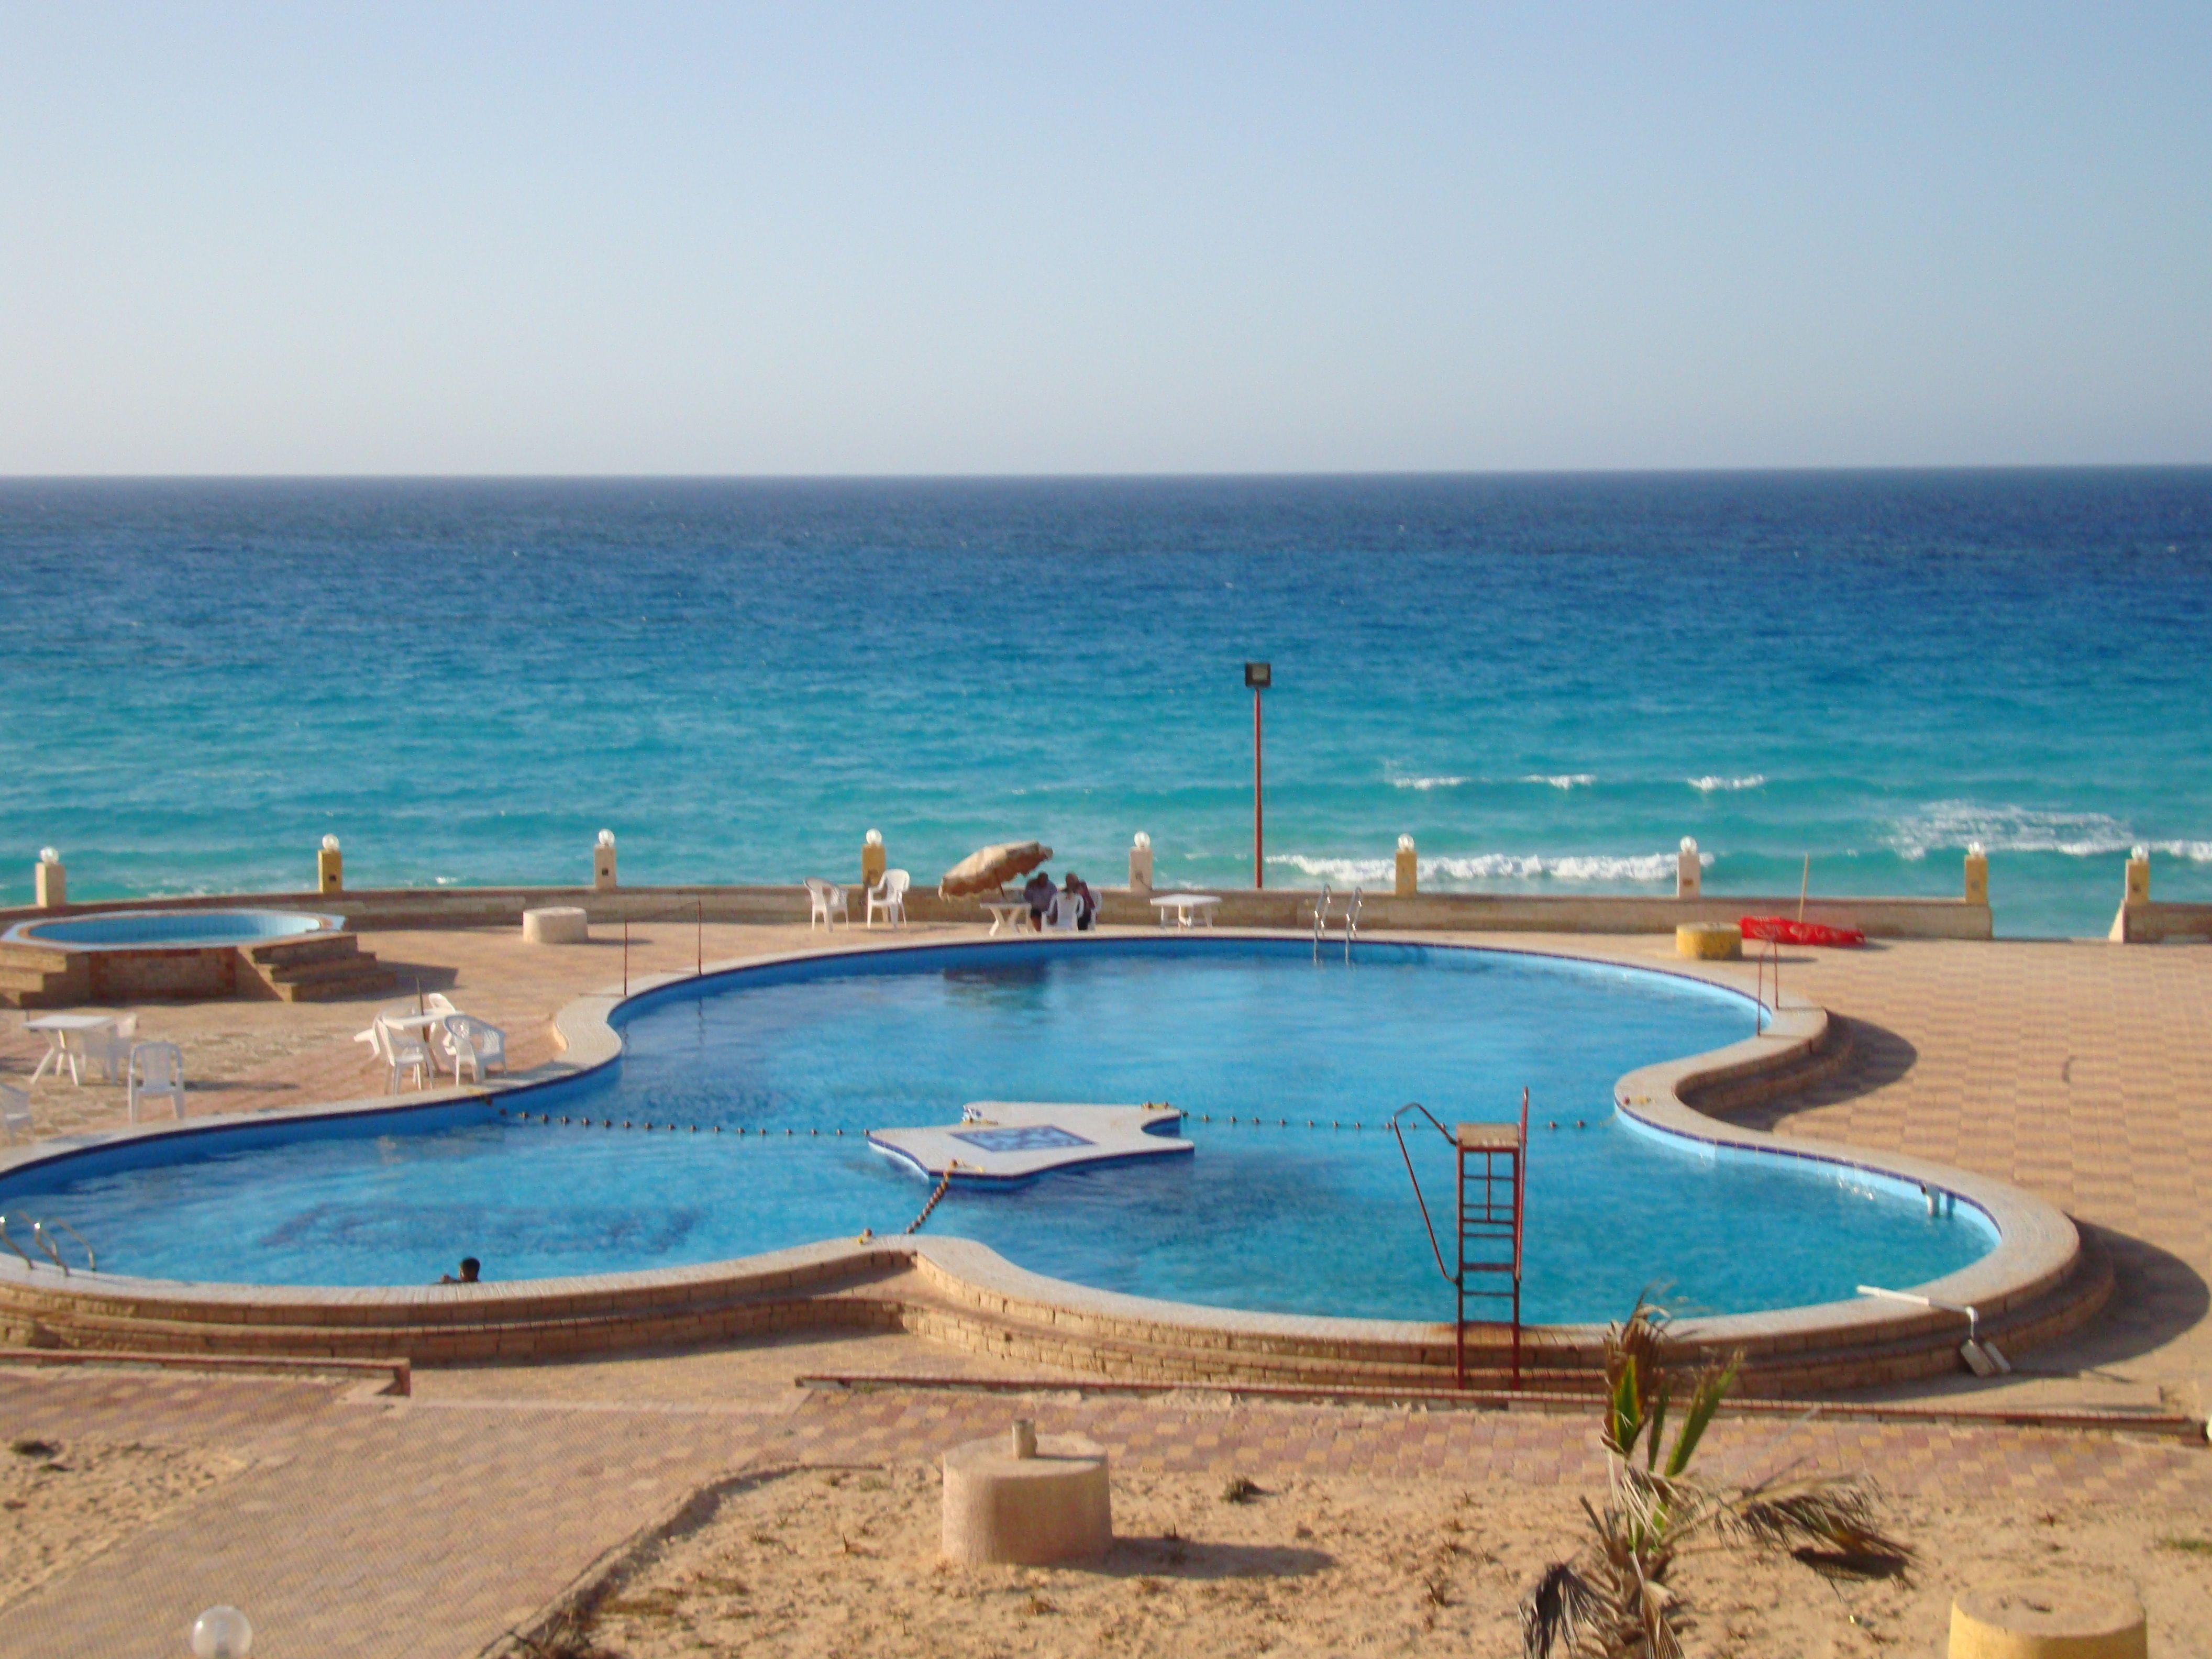 حمامات سباحة و اكوابارك وحمام سباحة مغطى للسيدات و حمام سباحة للاطفال Outdoor Decor Outdoor Decor